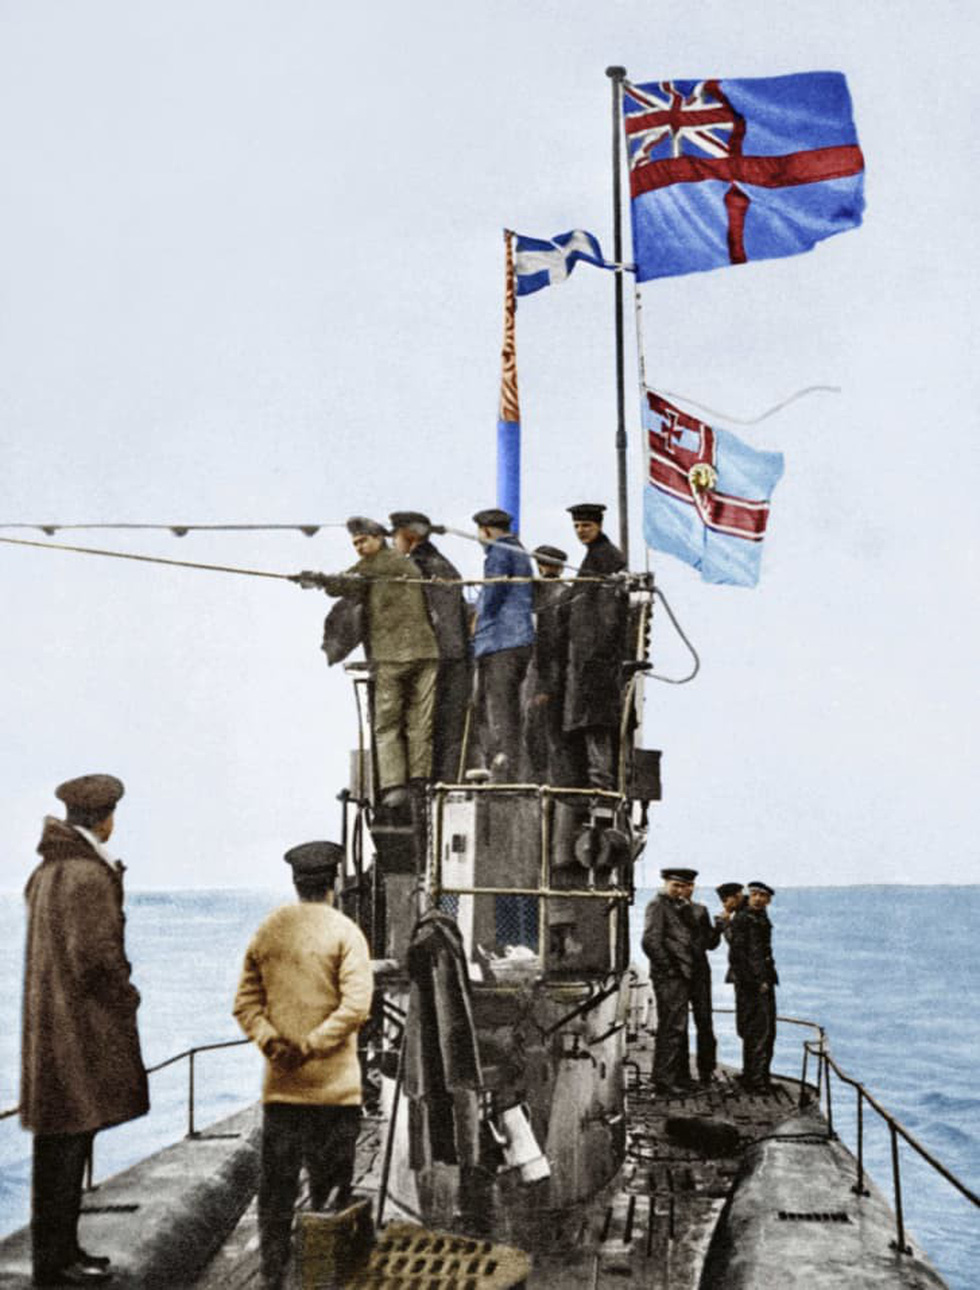 Những bức ảnh hiếm hoi xúc động về Đại chiến thế giới thứ nhất - Ảnh 5.